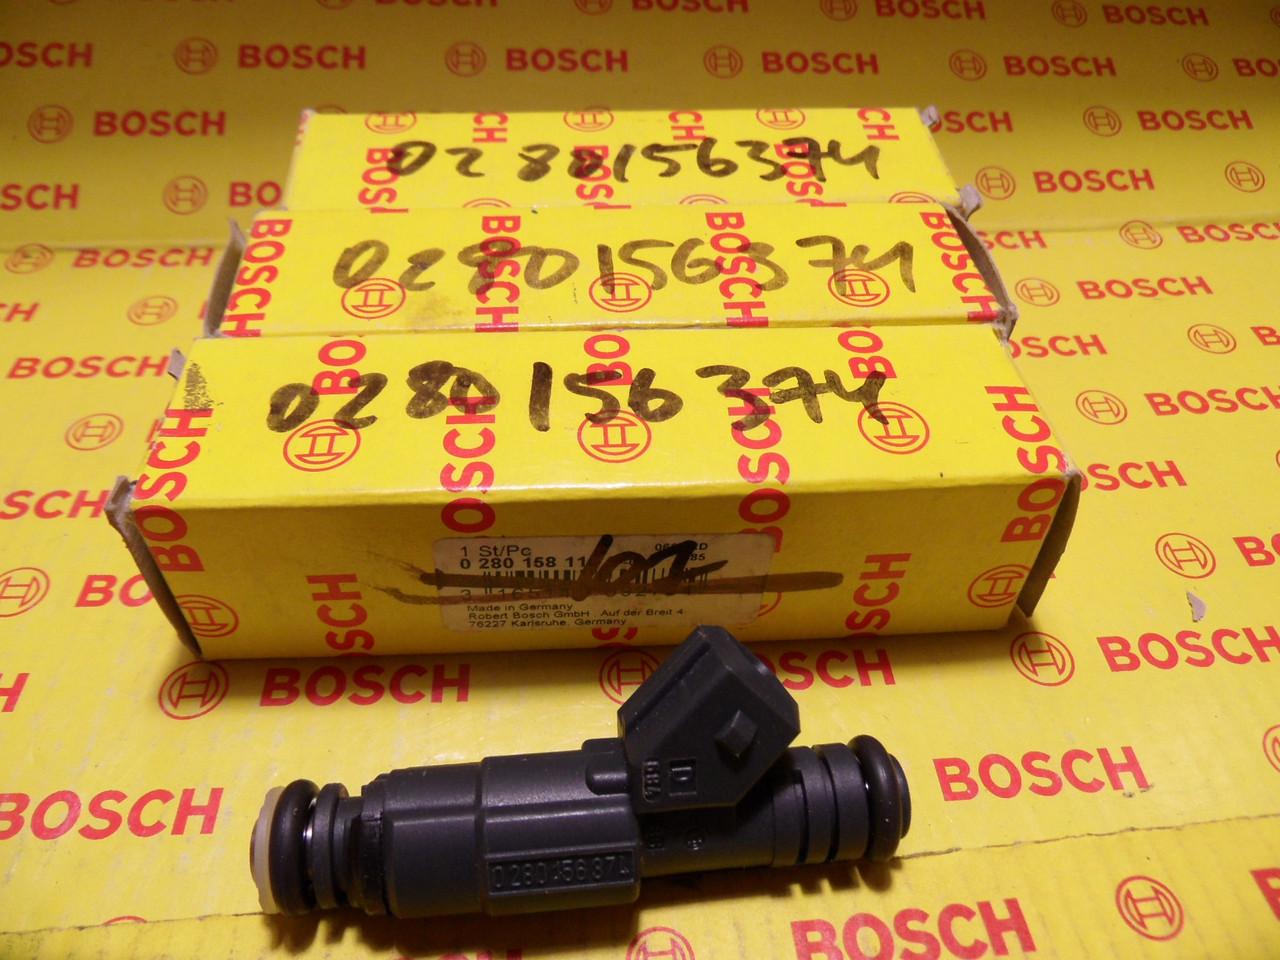 Форсунки бензиновые Bosch, 0280156374, 0 280 156 374, 0280158107, 0280150560, 0280150902,